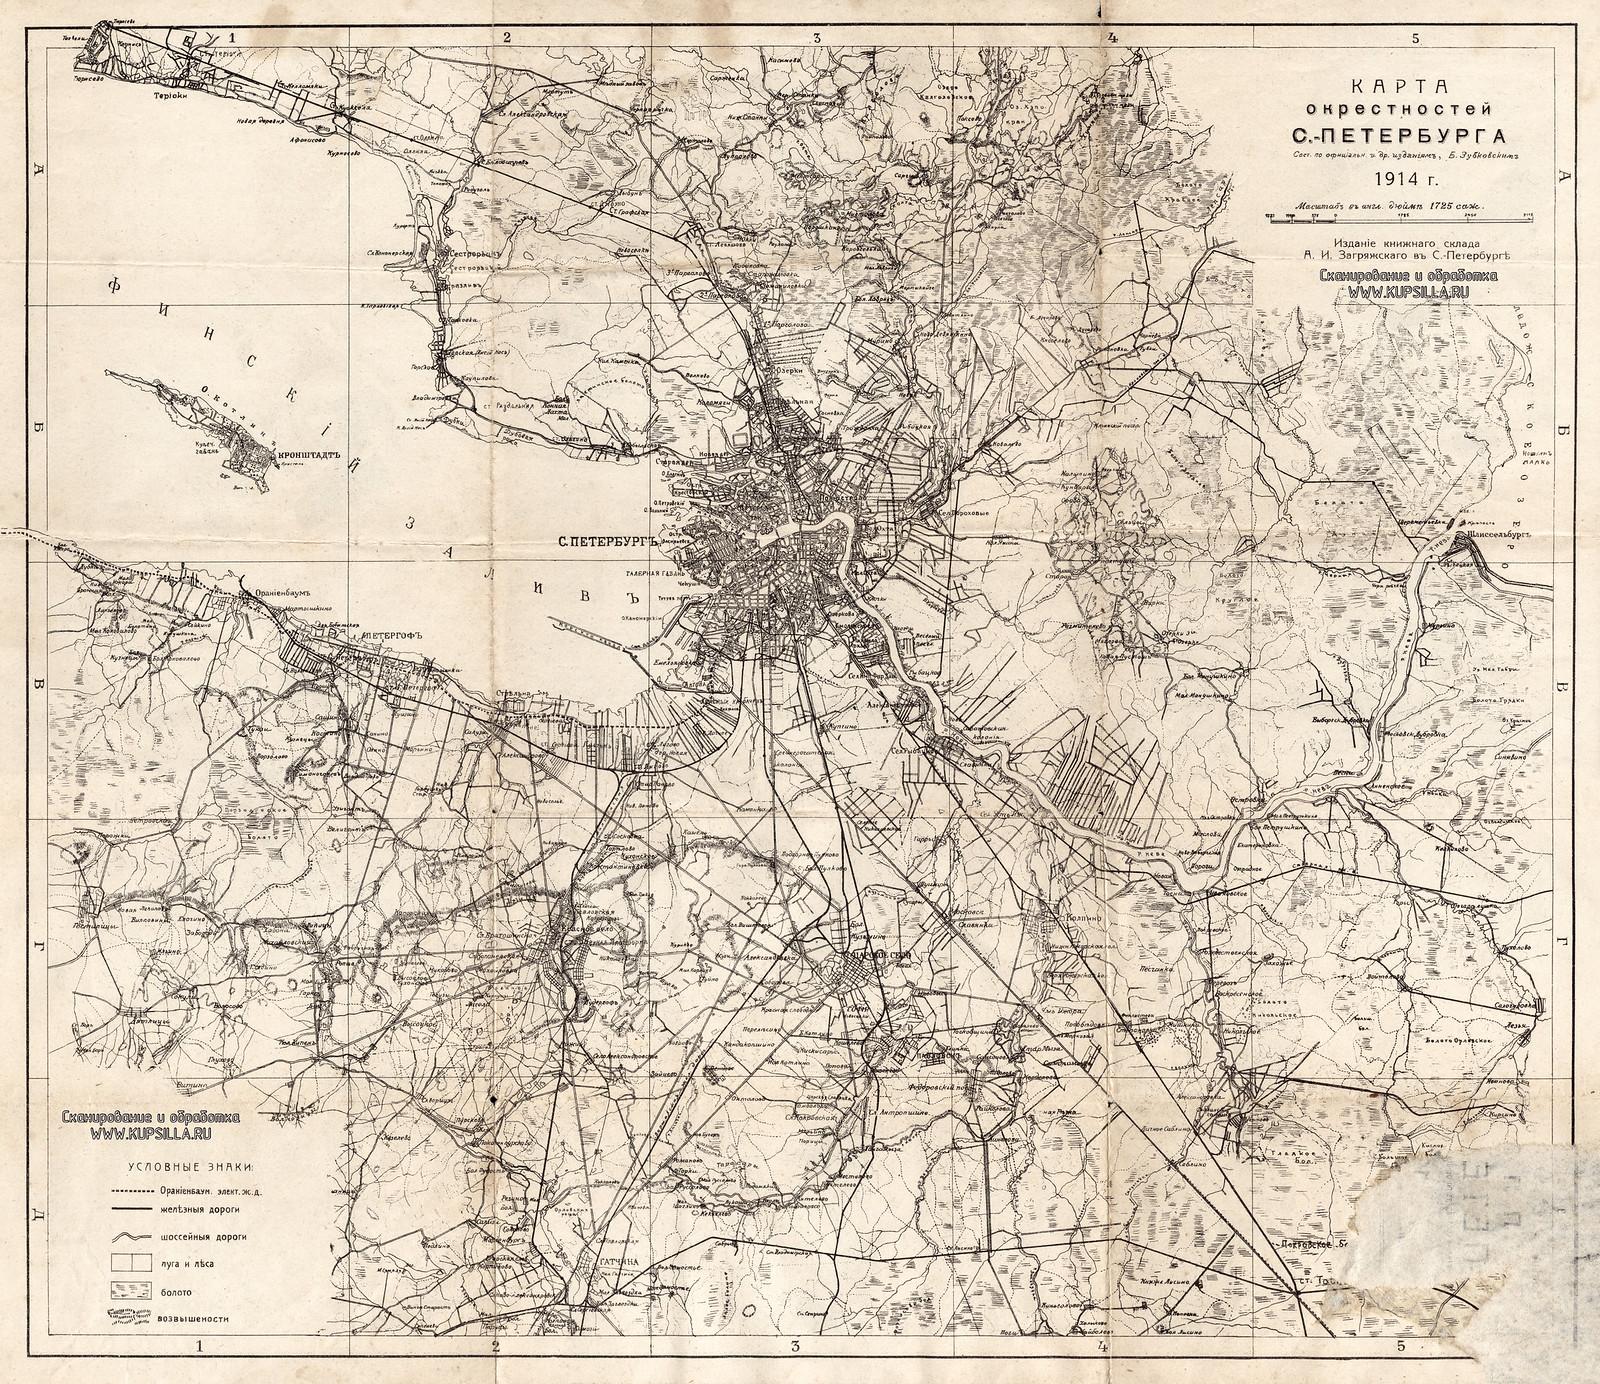 1914. Карта окрестностей Санкт-Петербурга